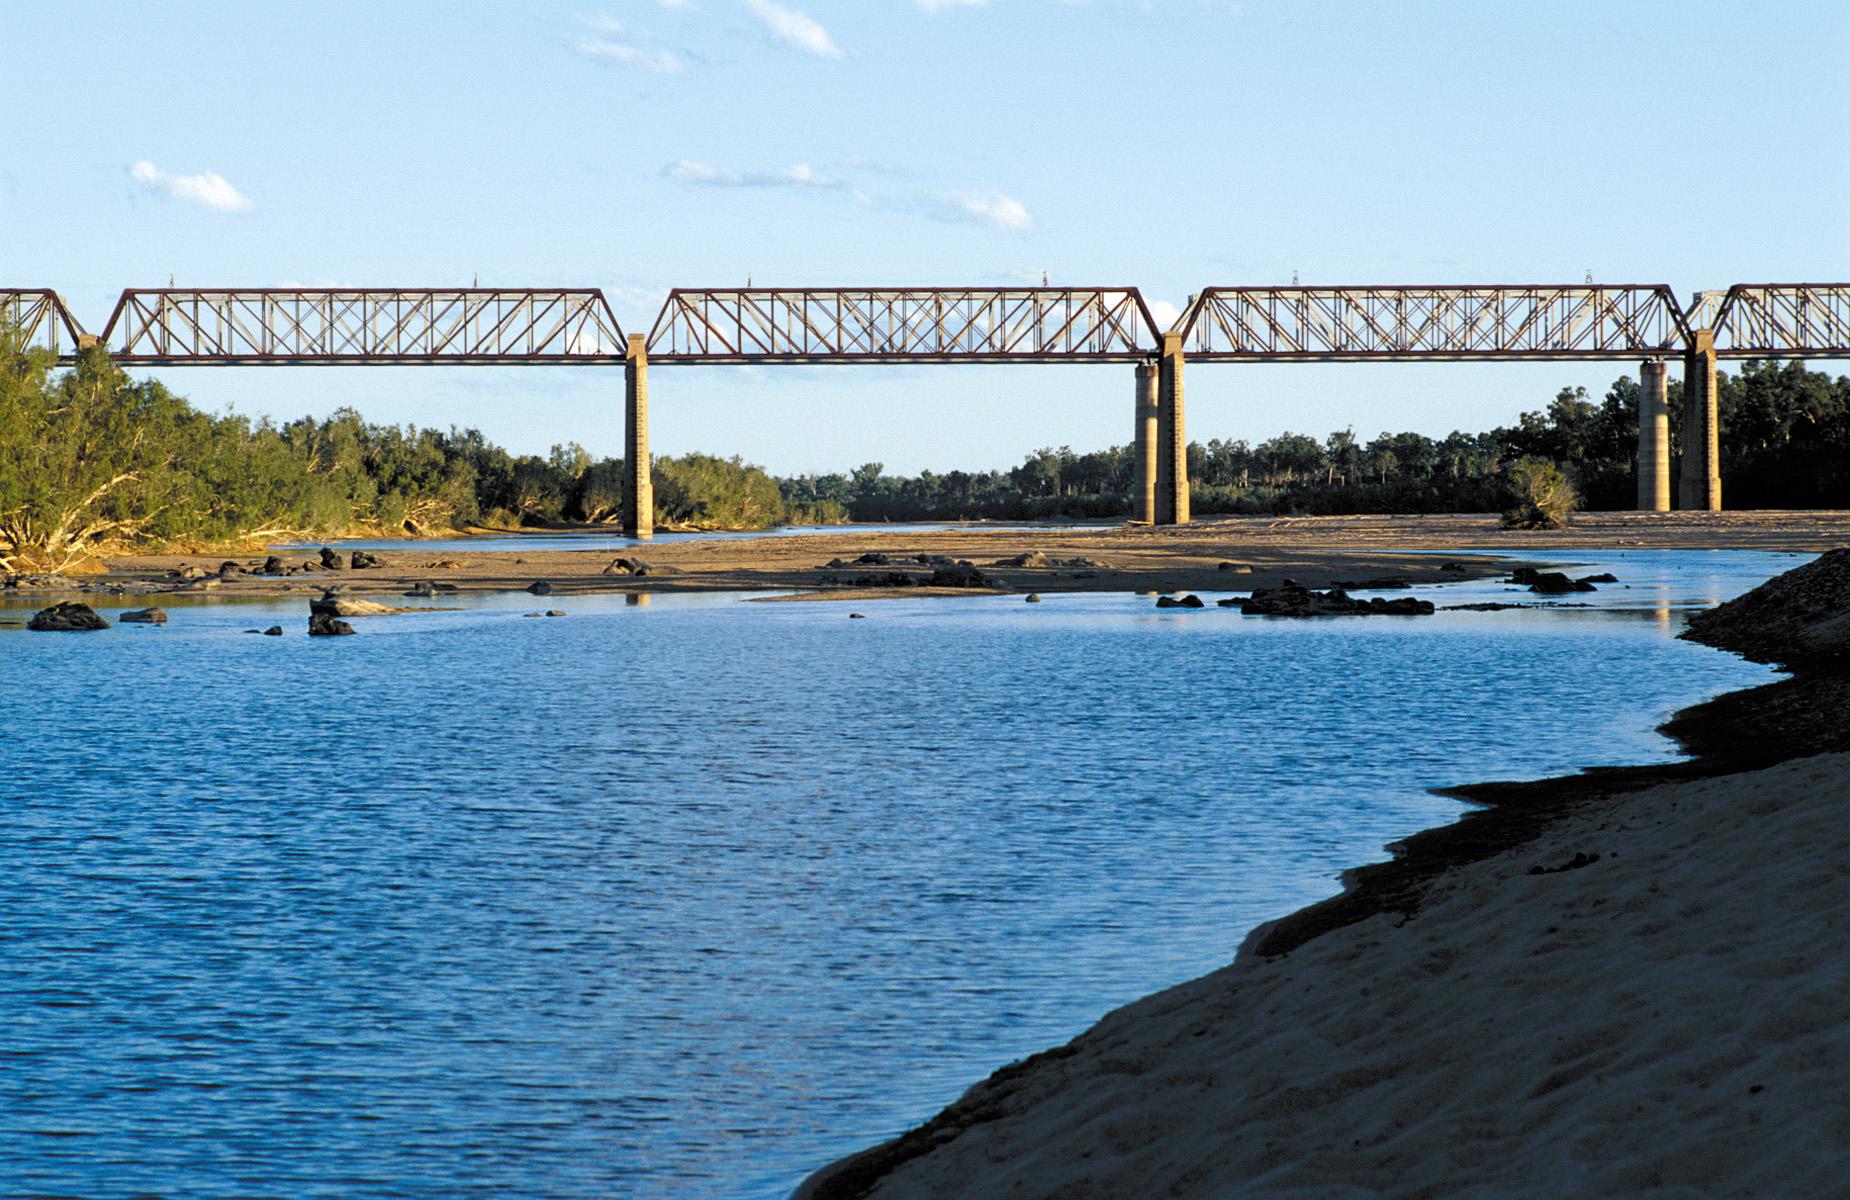 Burdekin Bridge Queensland Bridge Across The Burdekin